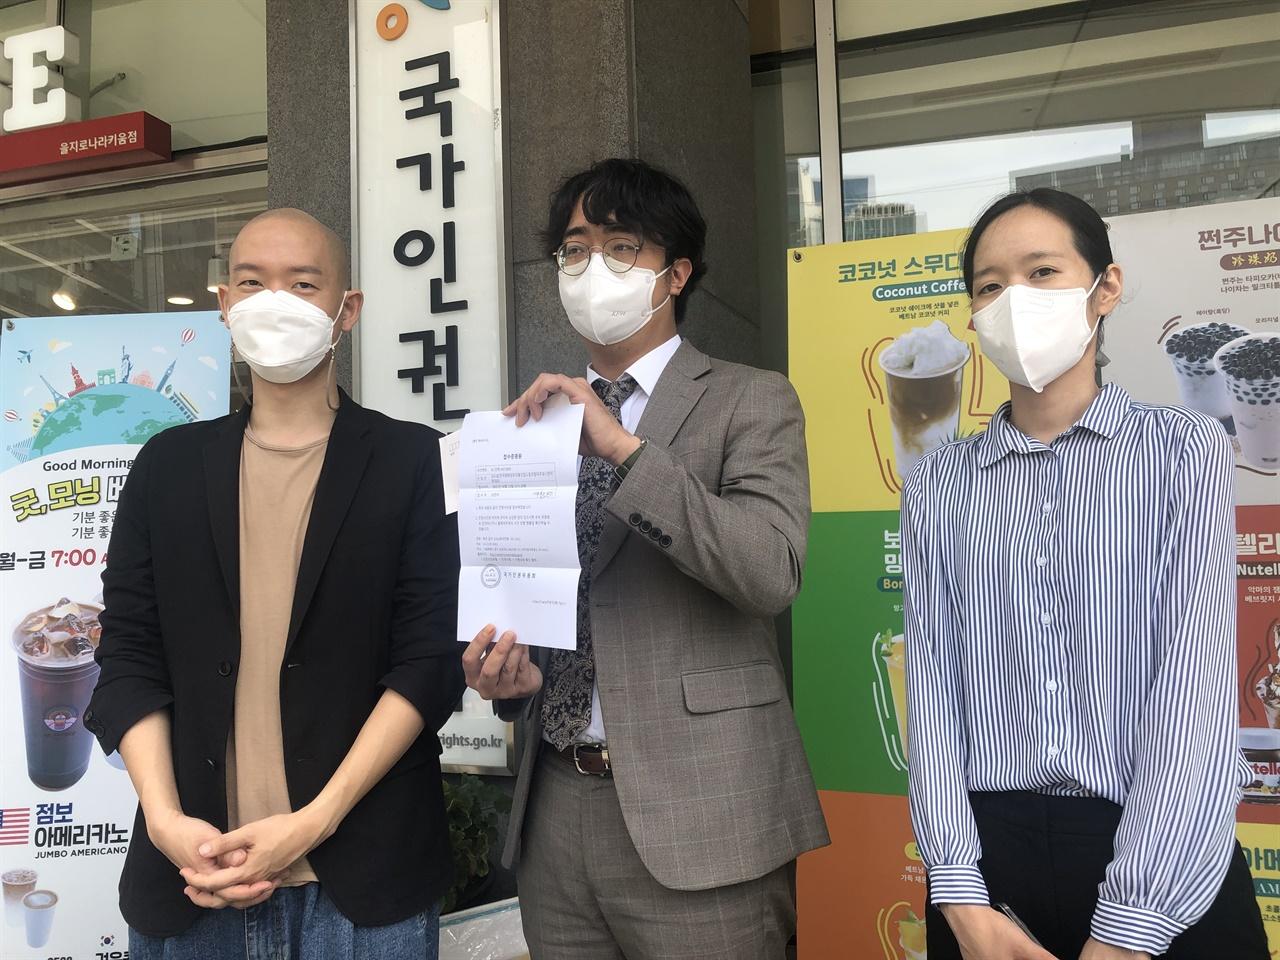 진정 및 긴급구제신청 접수증을 들고 있는 하태승 변호사와 김도윤 지회장(왼쪽), 곽예람 변호사(오른쪽)